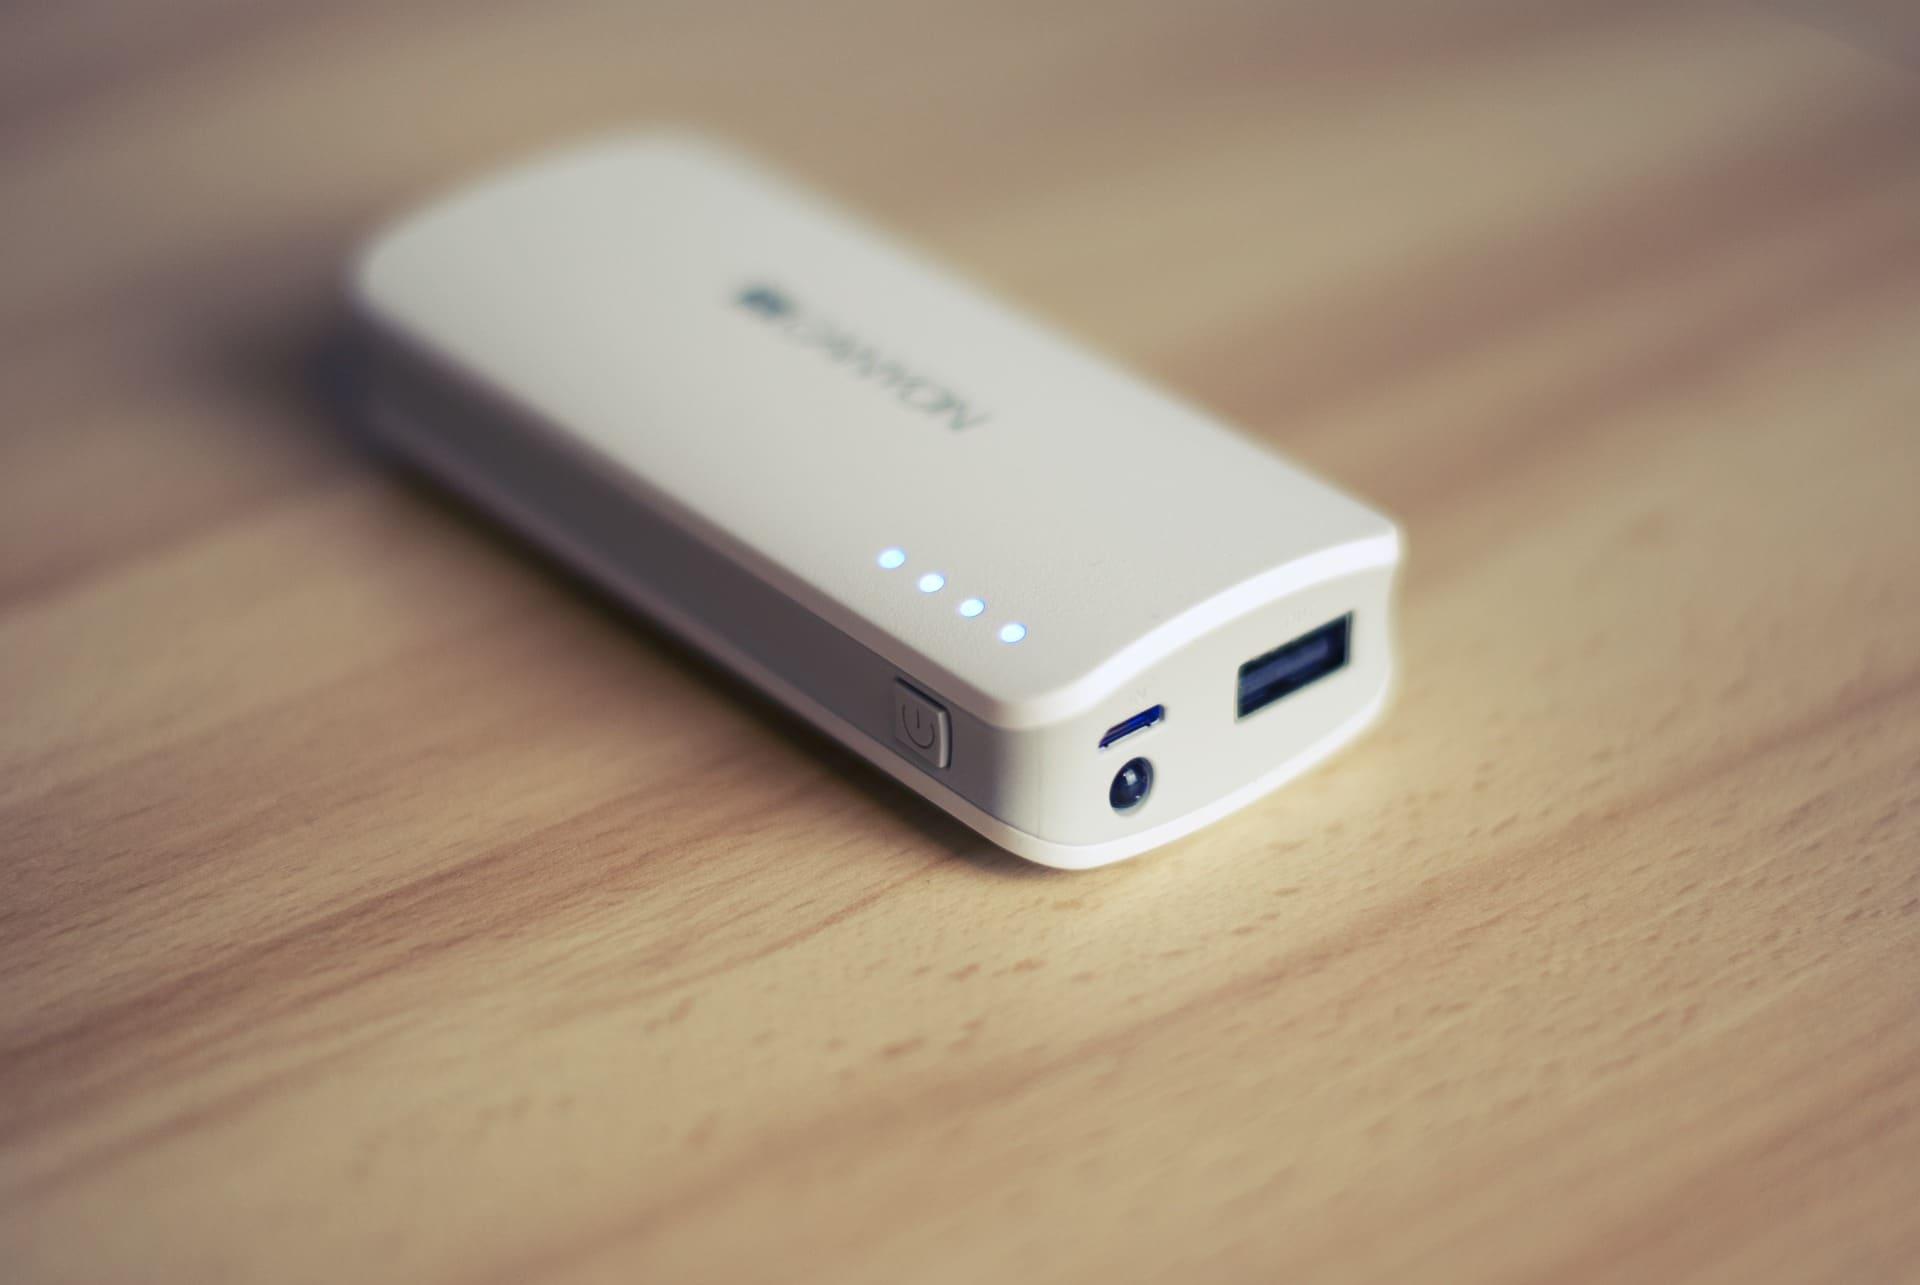 Batterie externe de secours pour recharger un smartphone, un appareil photo, une cigarette électronique, une lampe torche... Une solution pratique pour les voyages avec escales ou les sorties courtes à vélo (photo StockSnap dans le domaine public)